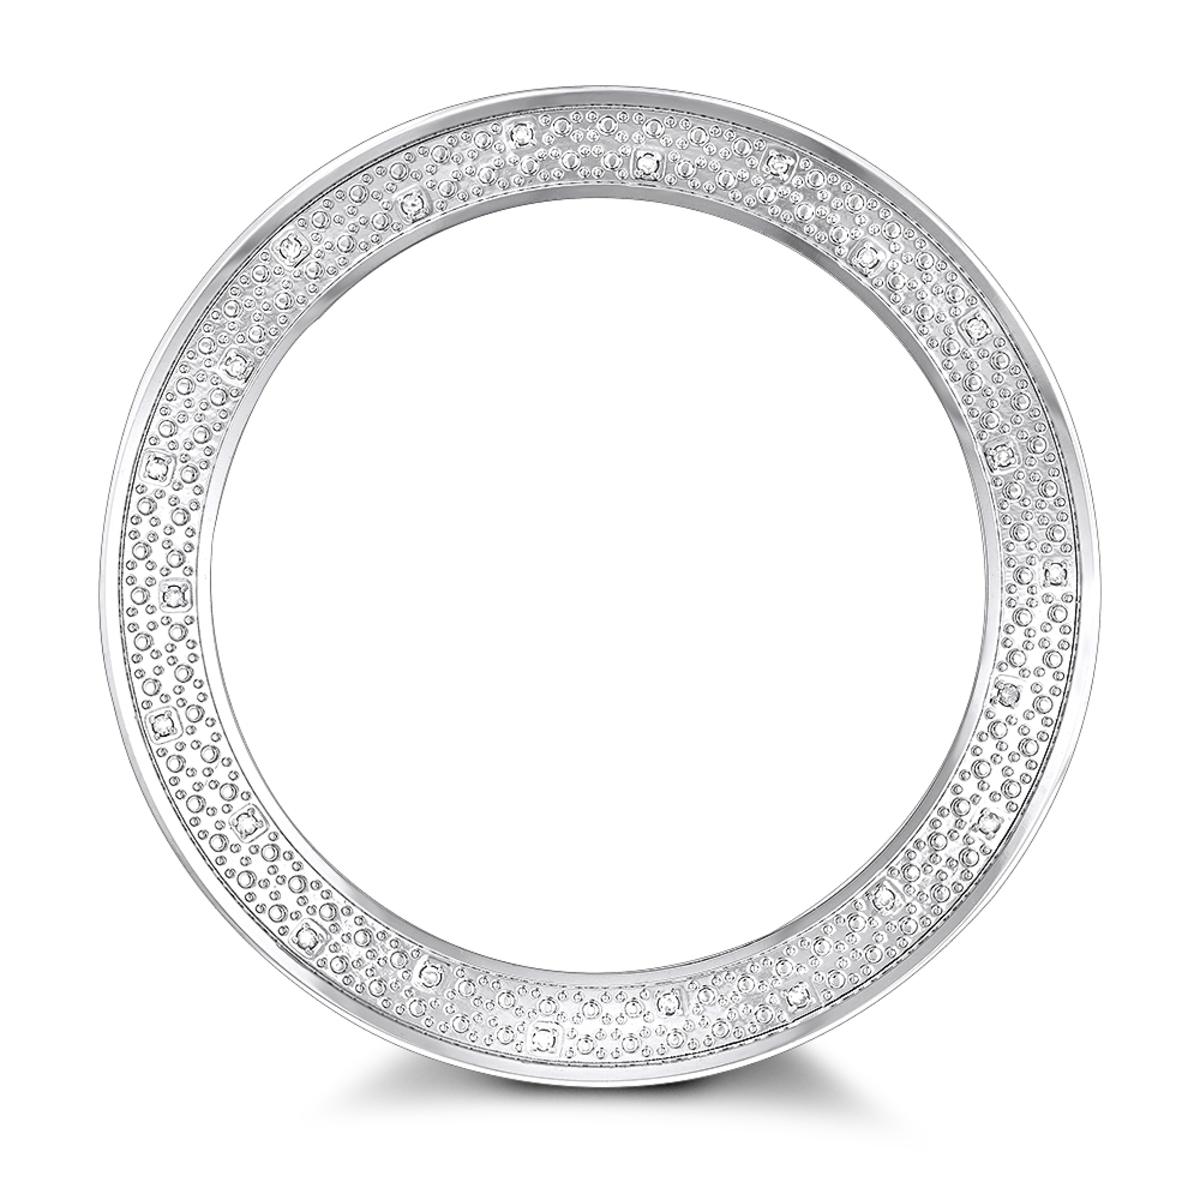 Diamond Watch Bezel for Men's Luxurman Escalade Watch 0.25ct